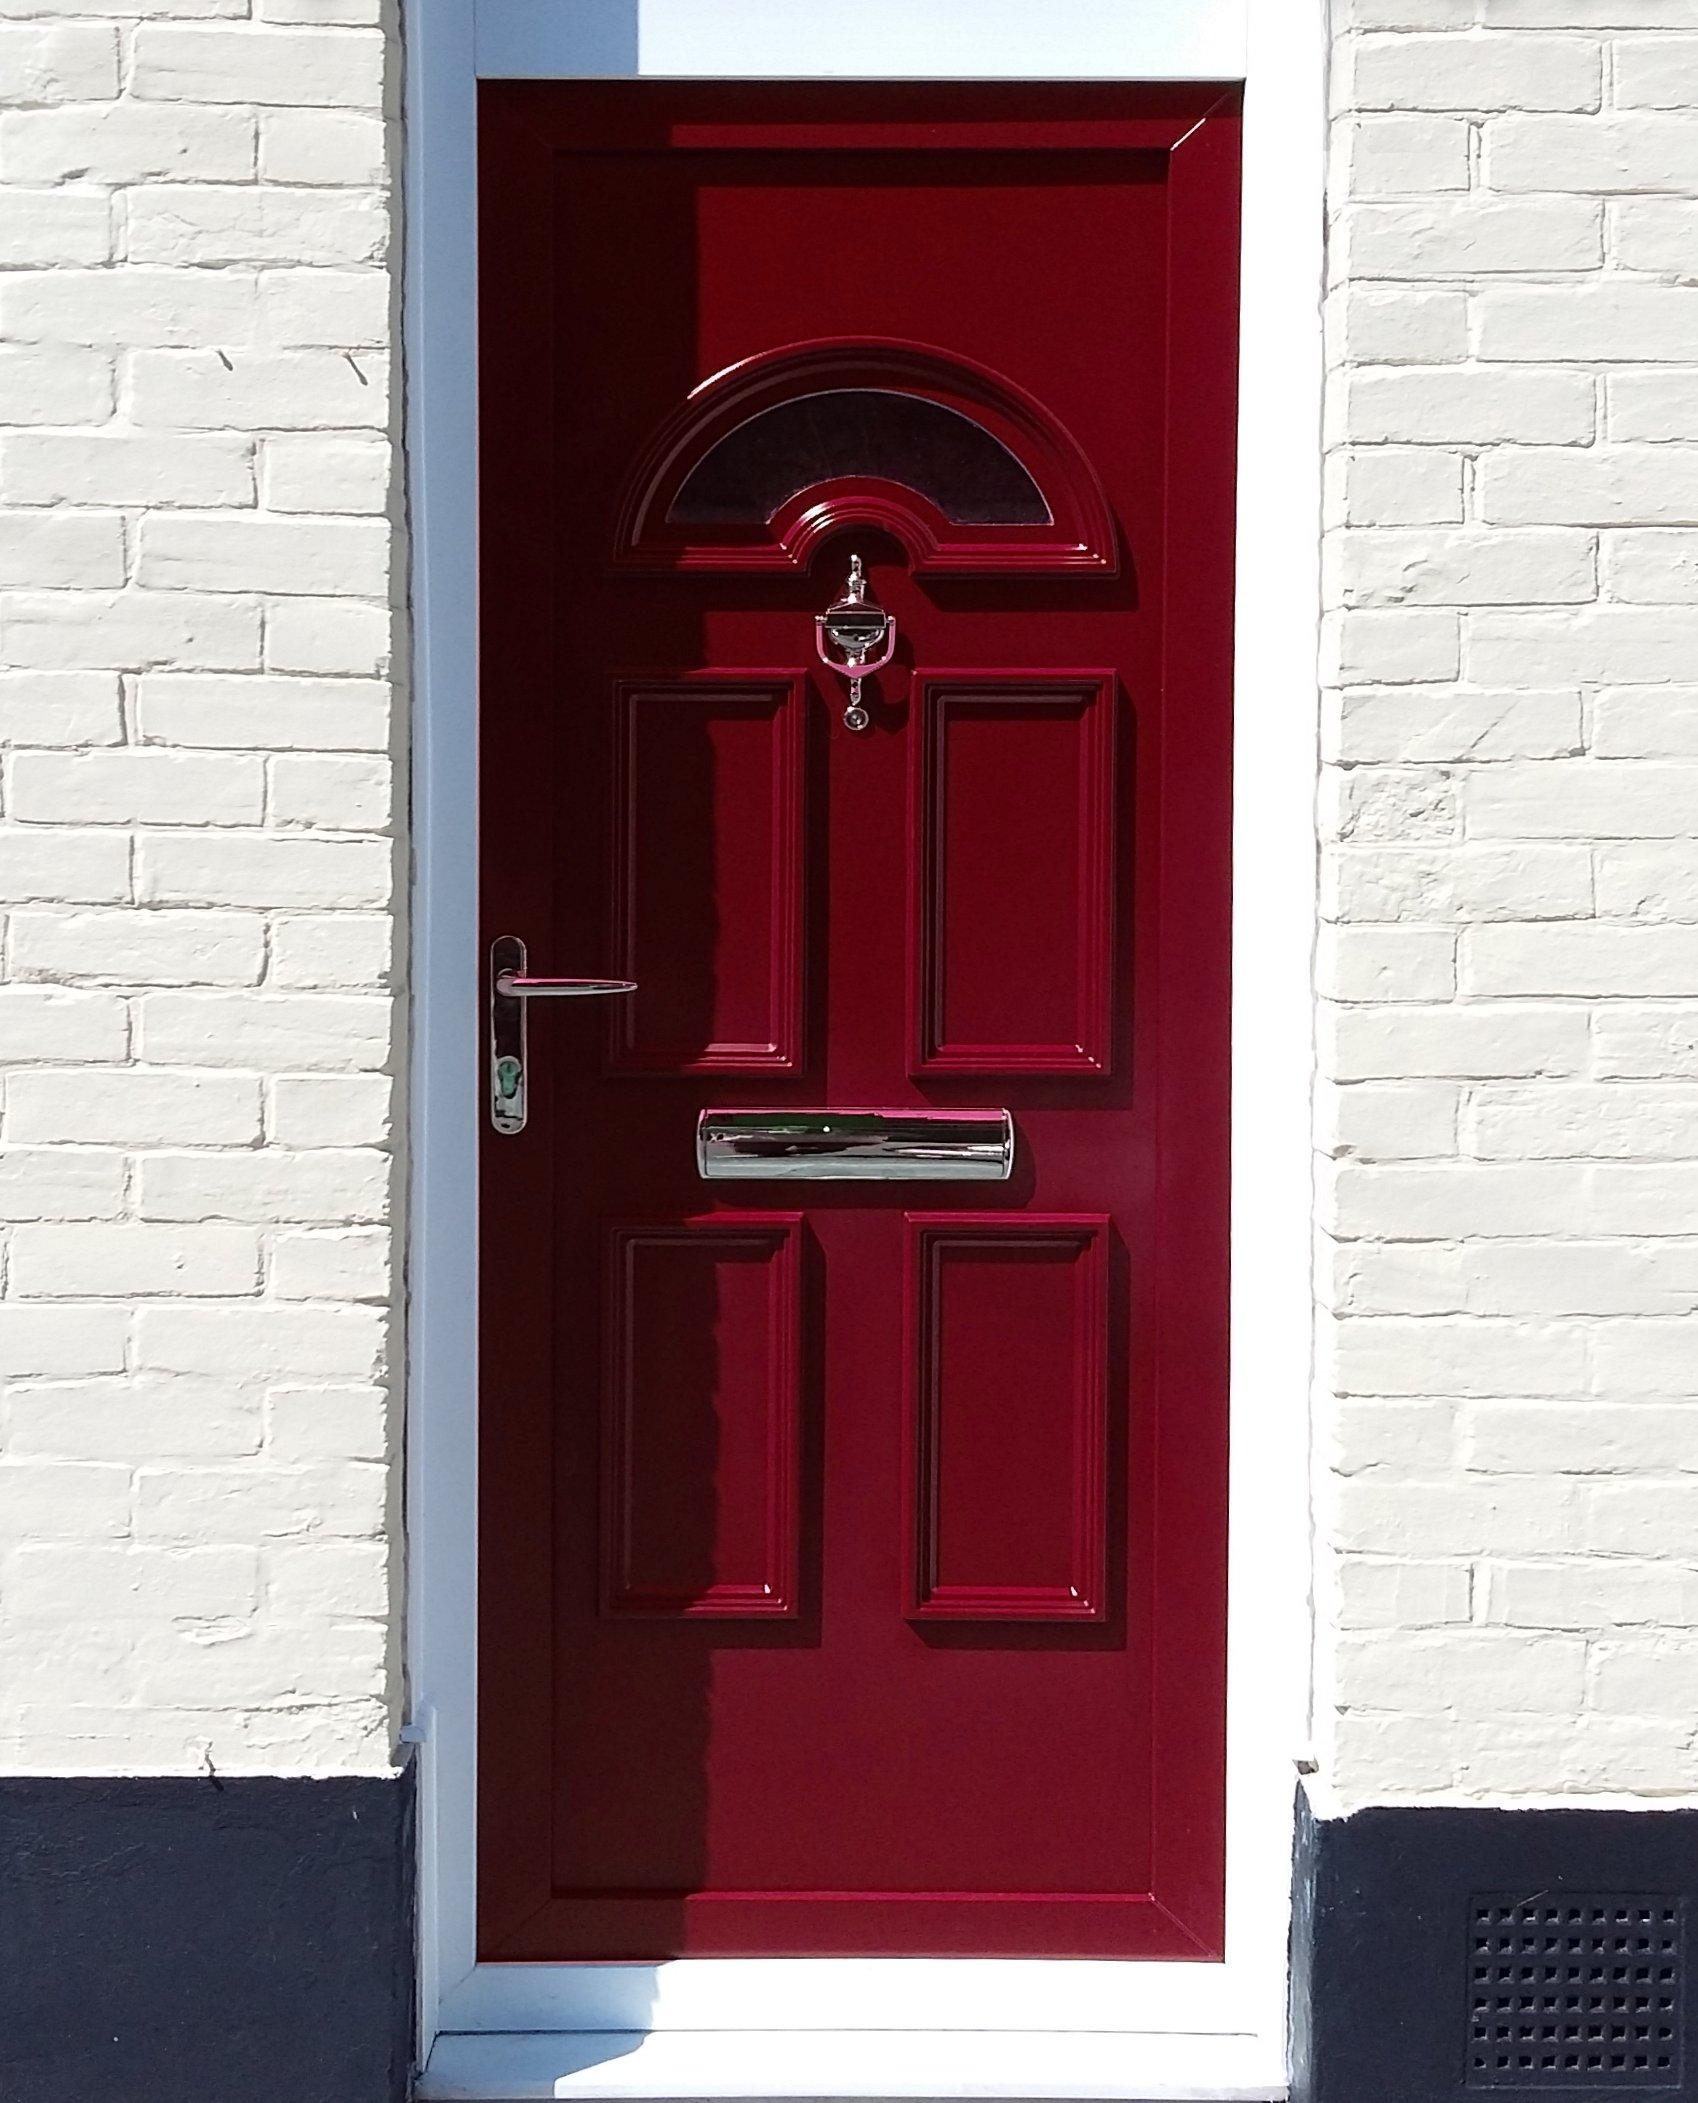 UPVC Doors Fitted in Oxford & uPVC u0026 Composite Door Installers Oxford - Cu0026J Glass u0026 Glazing